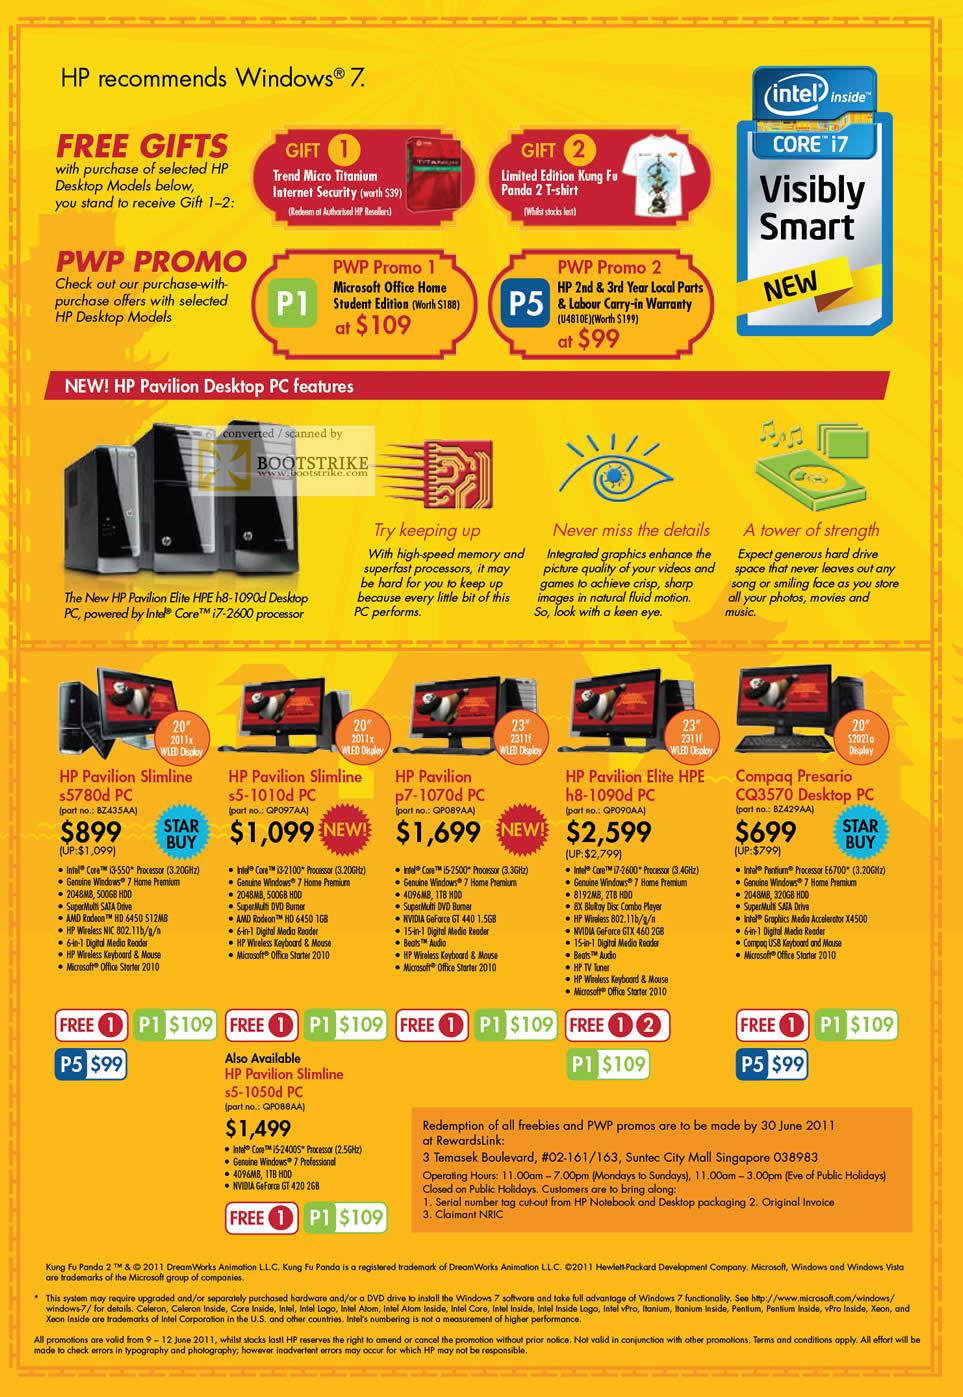 PC Show 2011 price list image brochure of HP Desktop PC Pavilion SLimline S5780d S5-1010d P7-1070d H8-1090d Compaq Presario CQ3570 Slimline S5-1050d